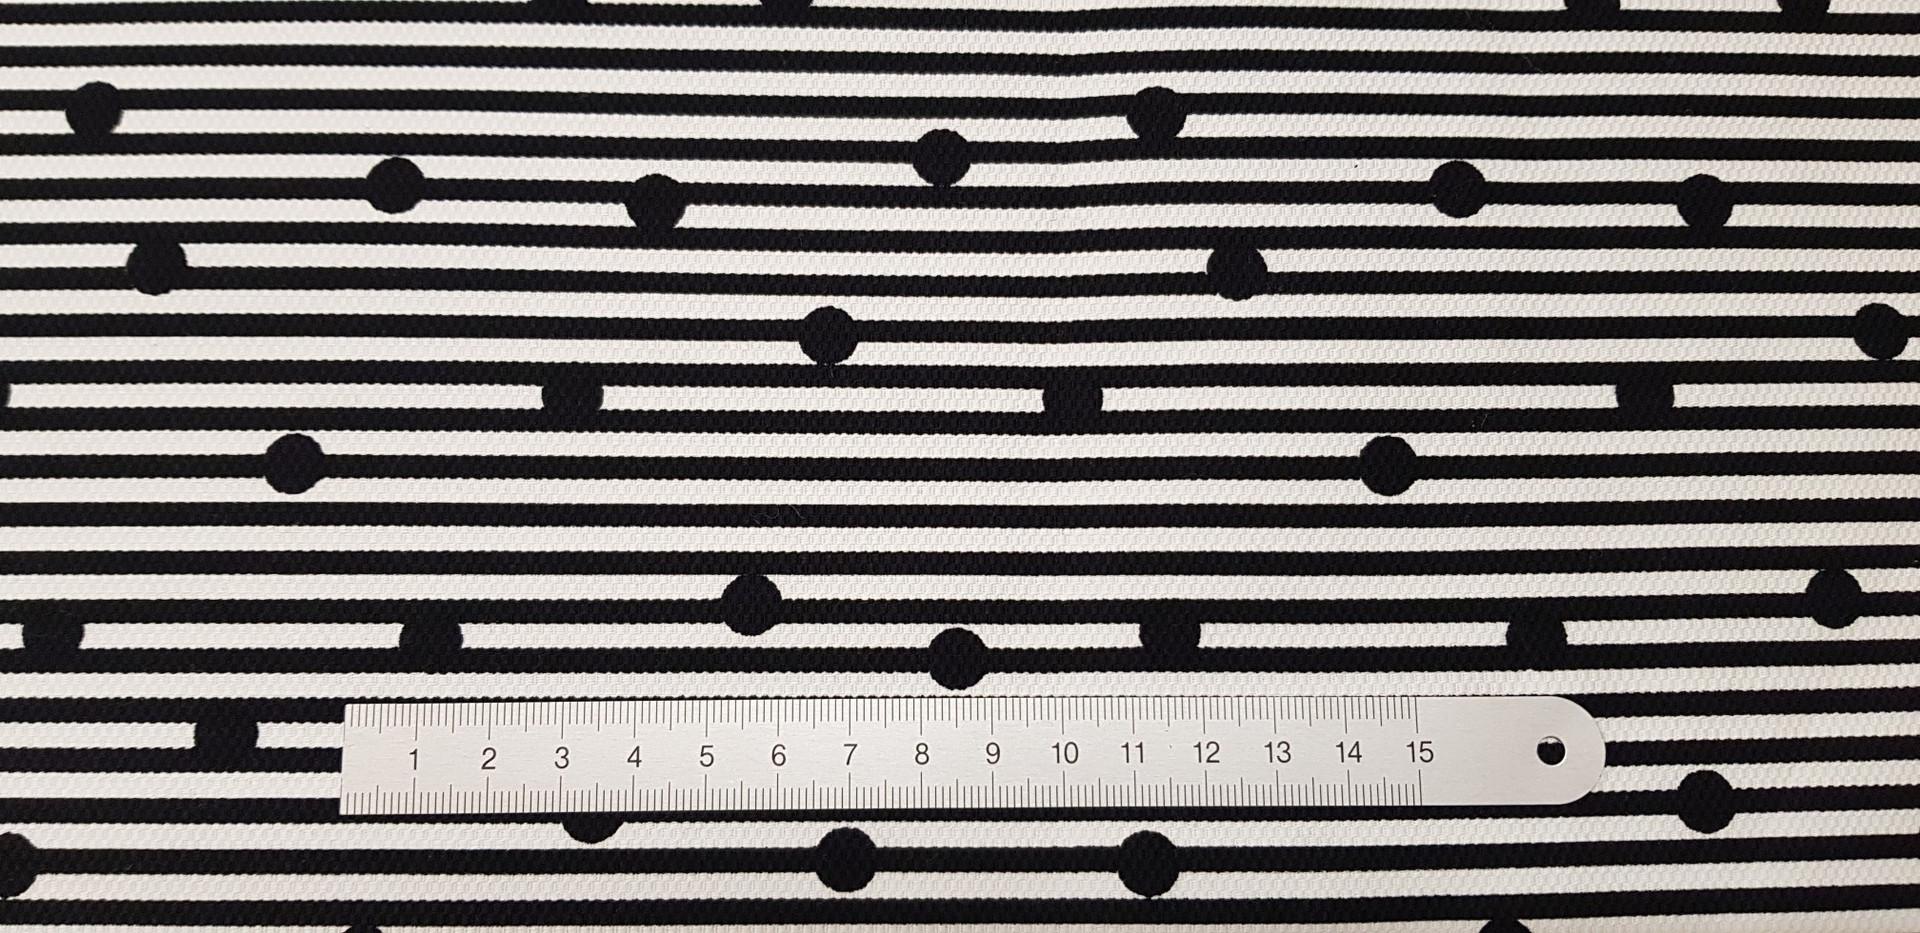 116. Stripy dots